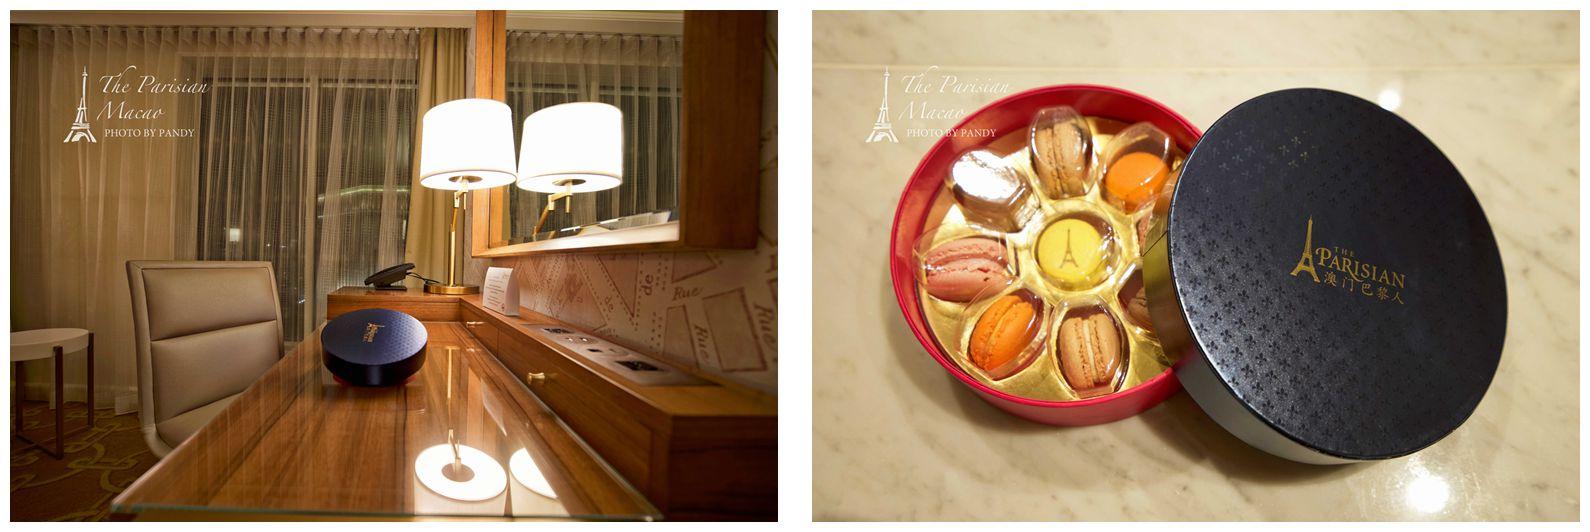 澳门巴黎人酒店房间-马卡龙